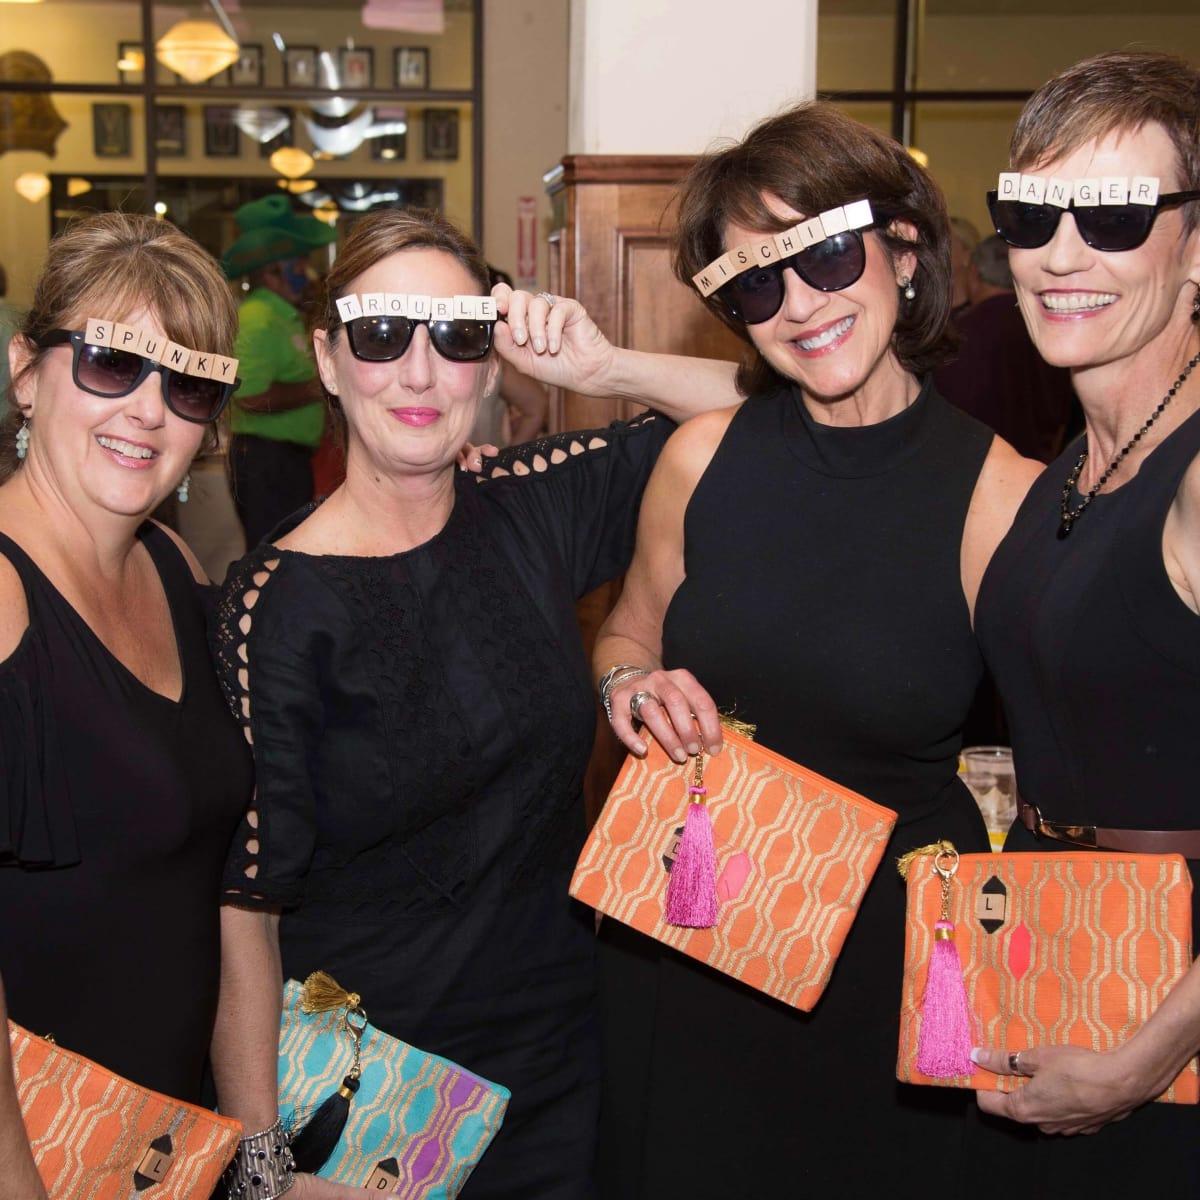 Scrabble in the City, Houston, 9/16, Laura Eaton, Debra Ford, Dee Dee Dochen, Leslie Rainwater